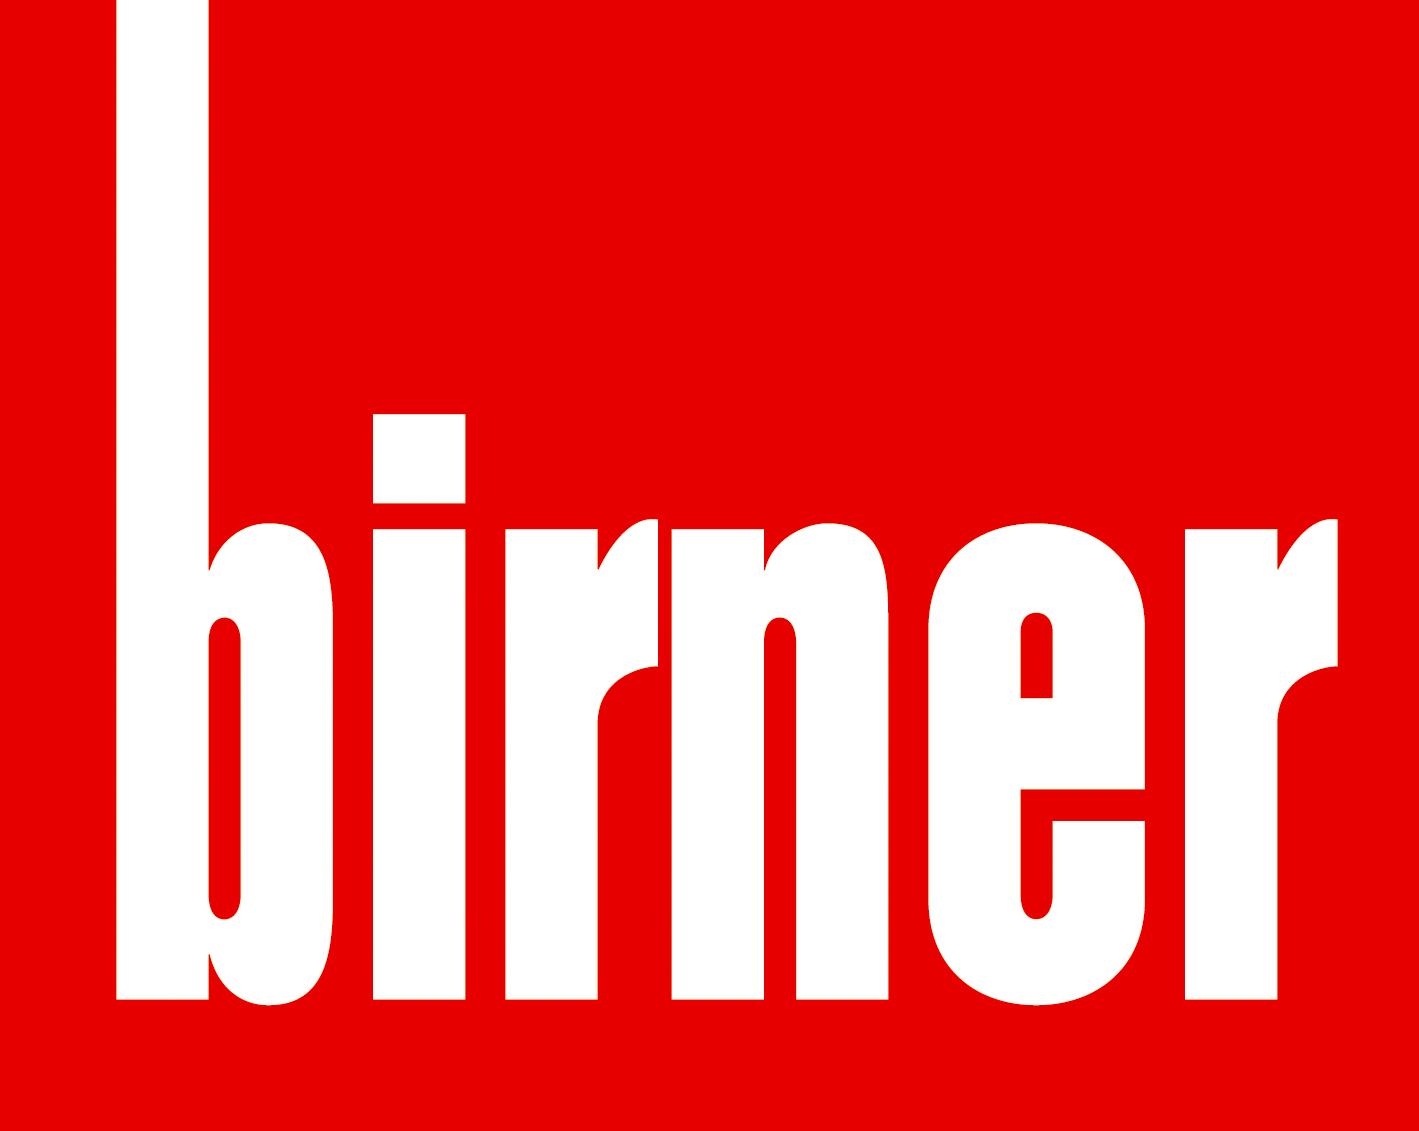 Birner Judenburg